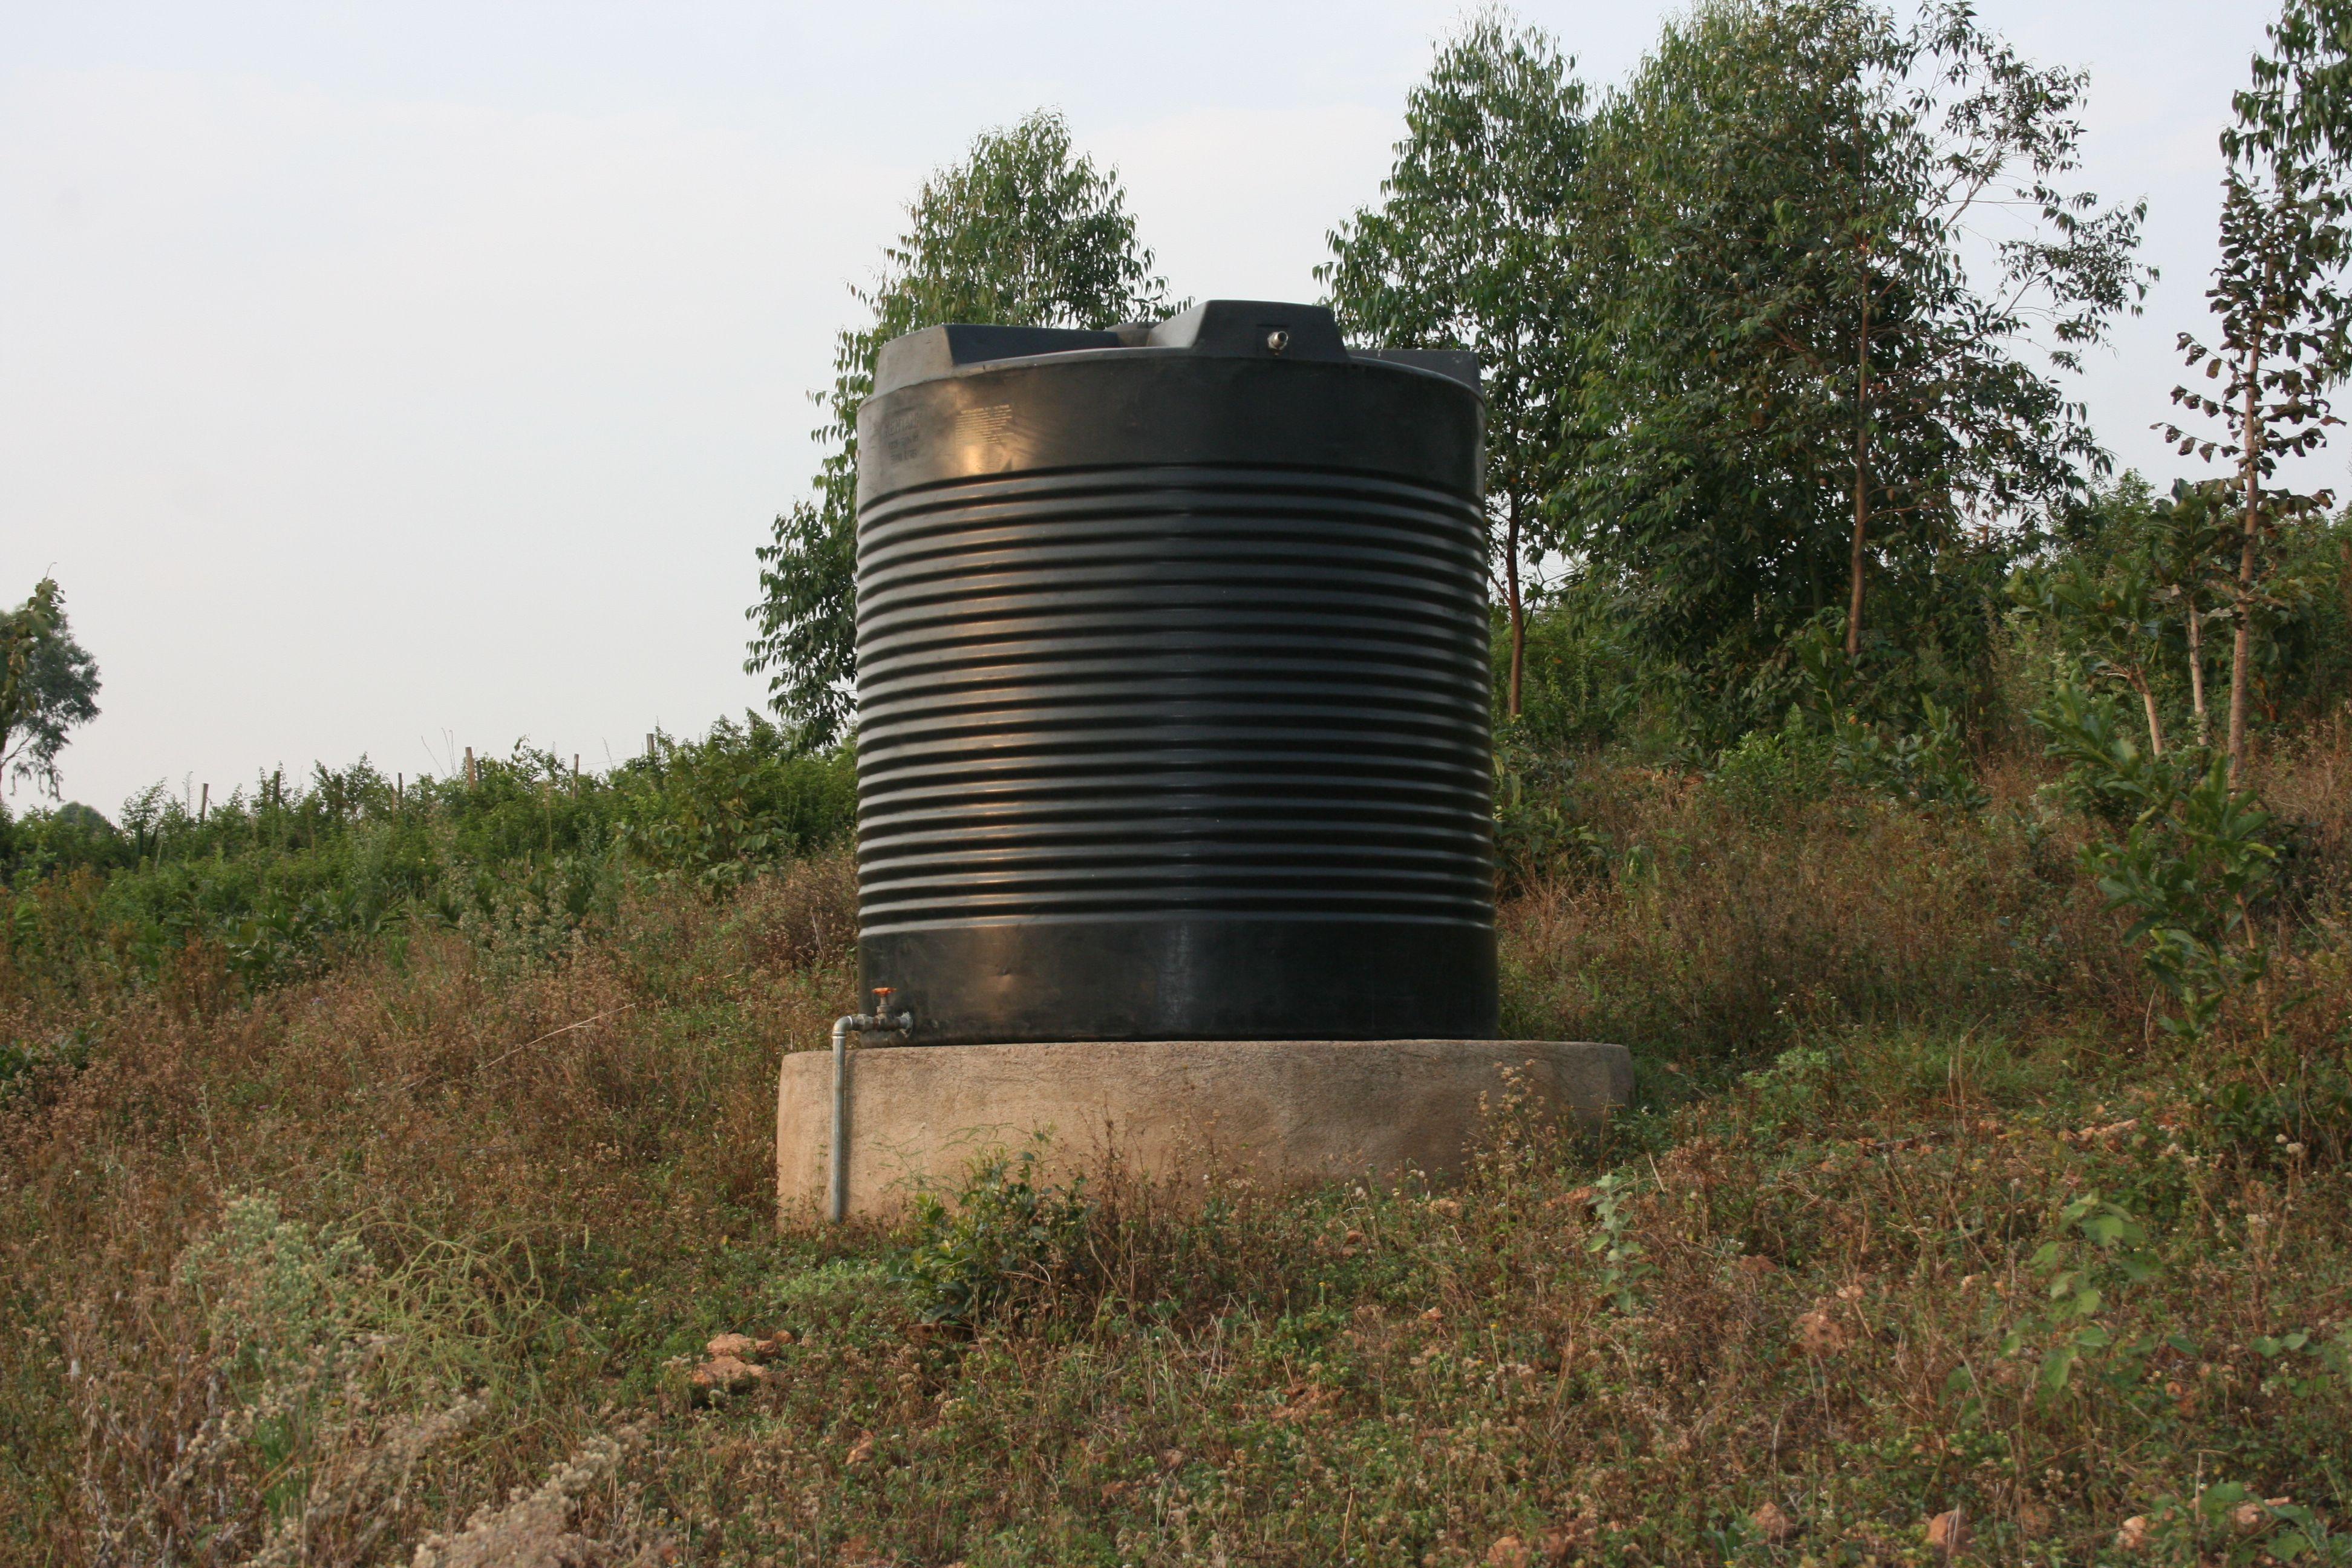 Water tank on the hillside